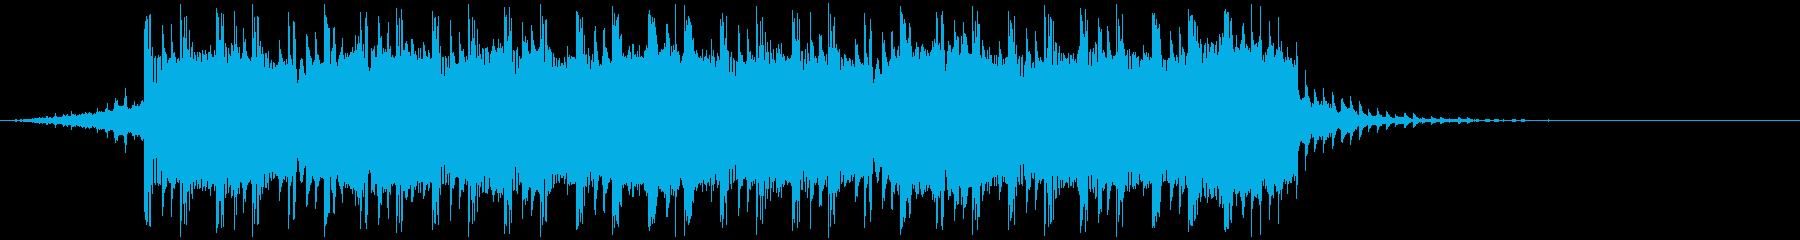 実験的 エーテル スタイリッシュ ...の再生済みの波形